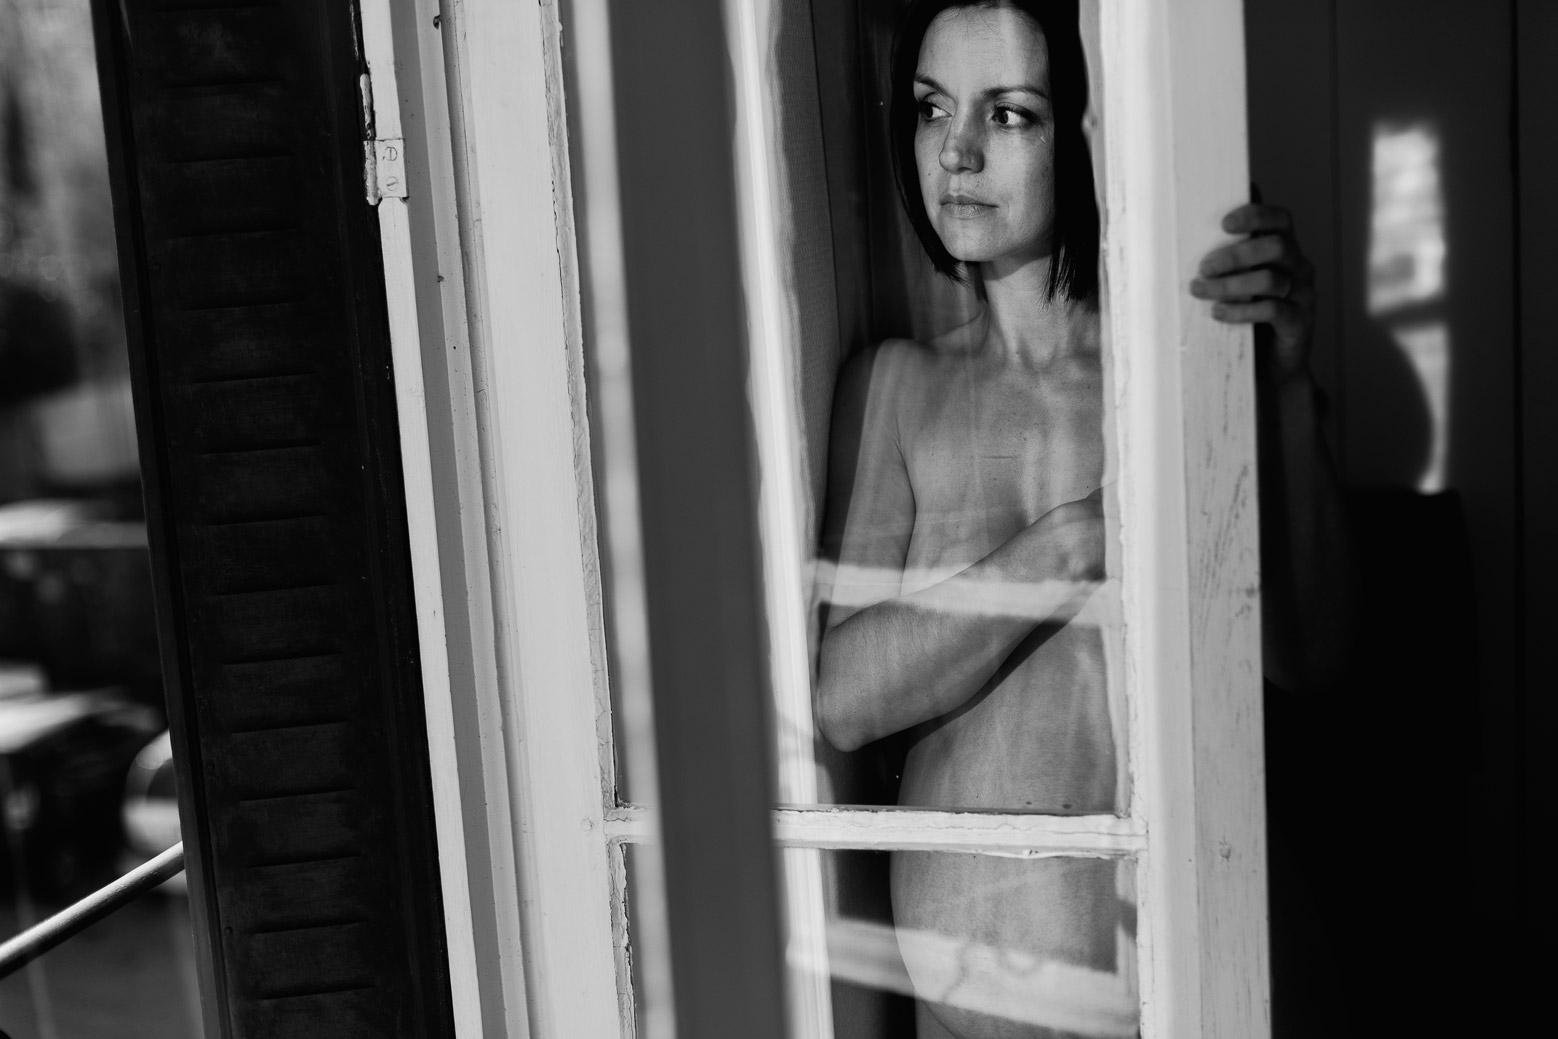 Une belle séance photo grossesse reflet derrière une vitre